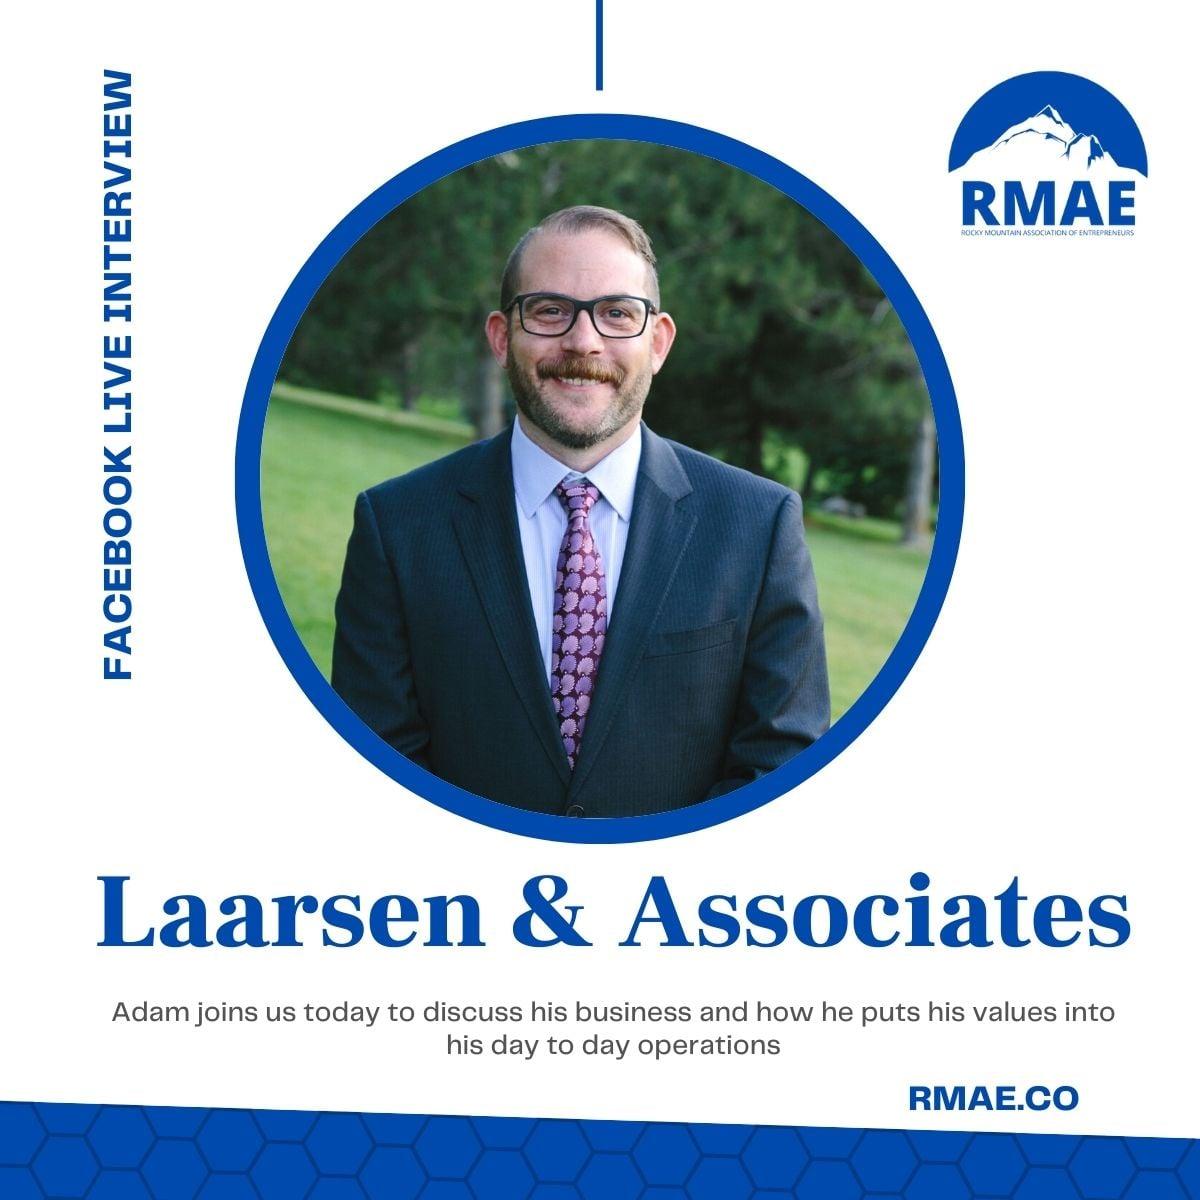 Laarsen & Associates